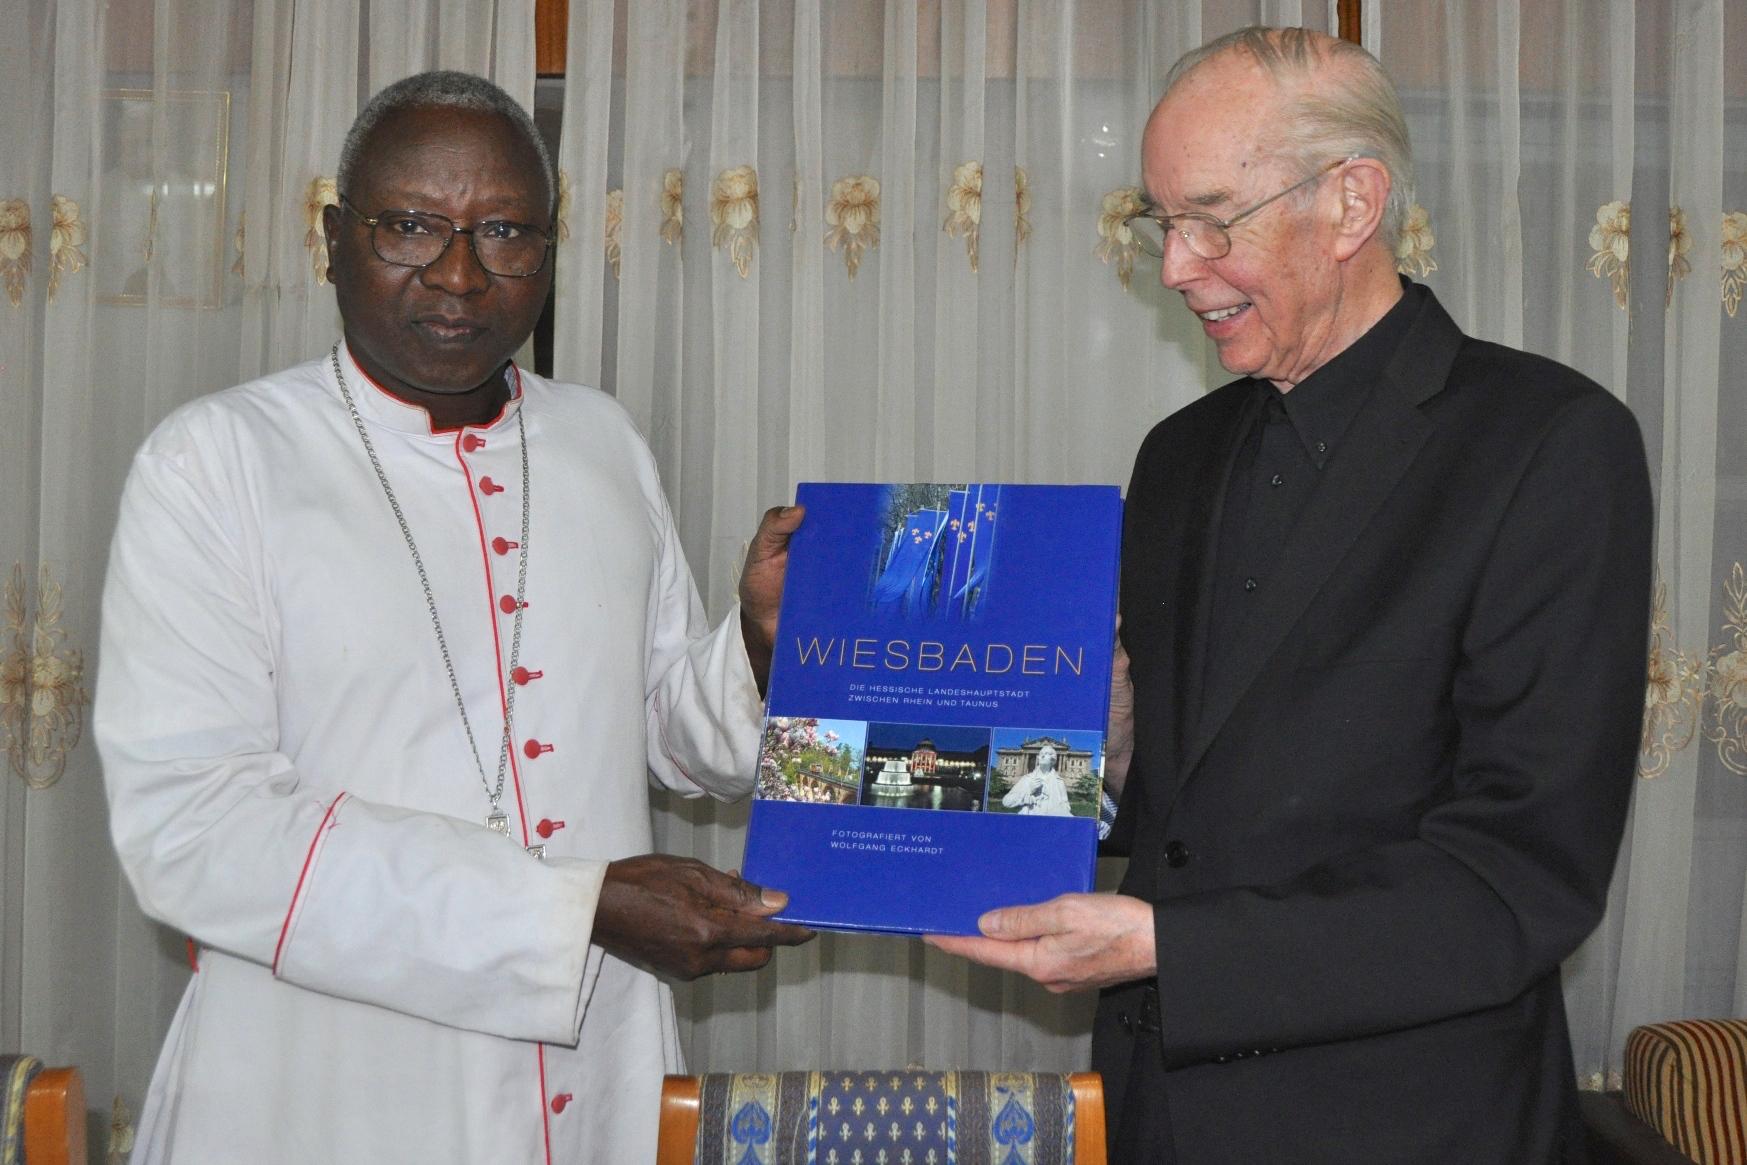 """Das Foto zeigt Kardinal Philippe Ouedraogo mit Pfarrer Werner Bardenhewer im Januar 2016 in Burkina Faso bei der Überreichung eines """"Wiesbaden-Bildbandes""""."""